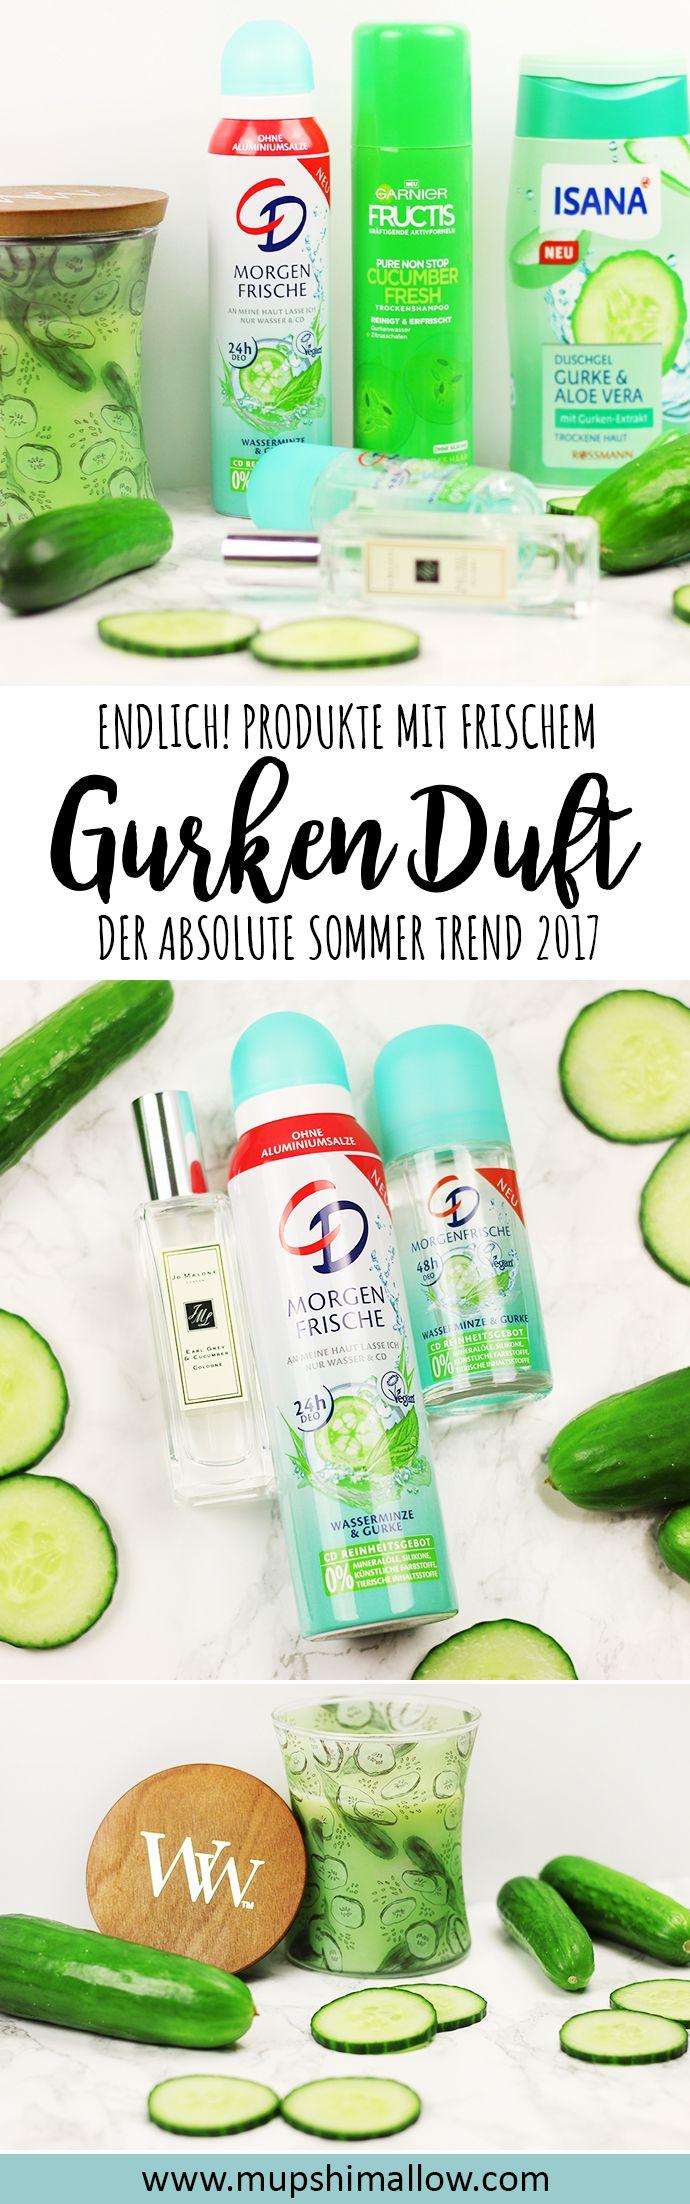 Fragt ihr euch manchmal warum es manche tollen Gerüche nicht als Duft für den Alltag gibt? So ging es mir lange mit Gurkenduft. Frische, saftige aufgeschnittene Gurke - lecker! Endlich wurde dieser Trend von der Beauty Industrie aufgegriffen und mittlerweile gibt es viele tolle Produkte mit Gurkenduft, wie Parfum, Deo, Duschgel, Trockenshampoo oder sogar Duftkerzen mit Gurkenduft. Der Sommer Trend 2017!